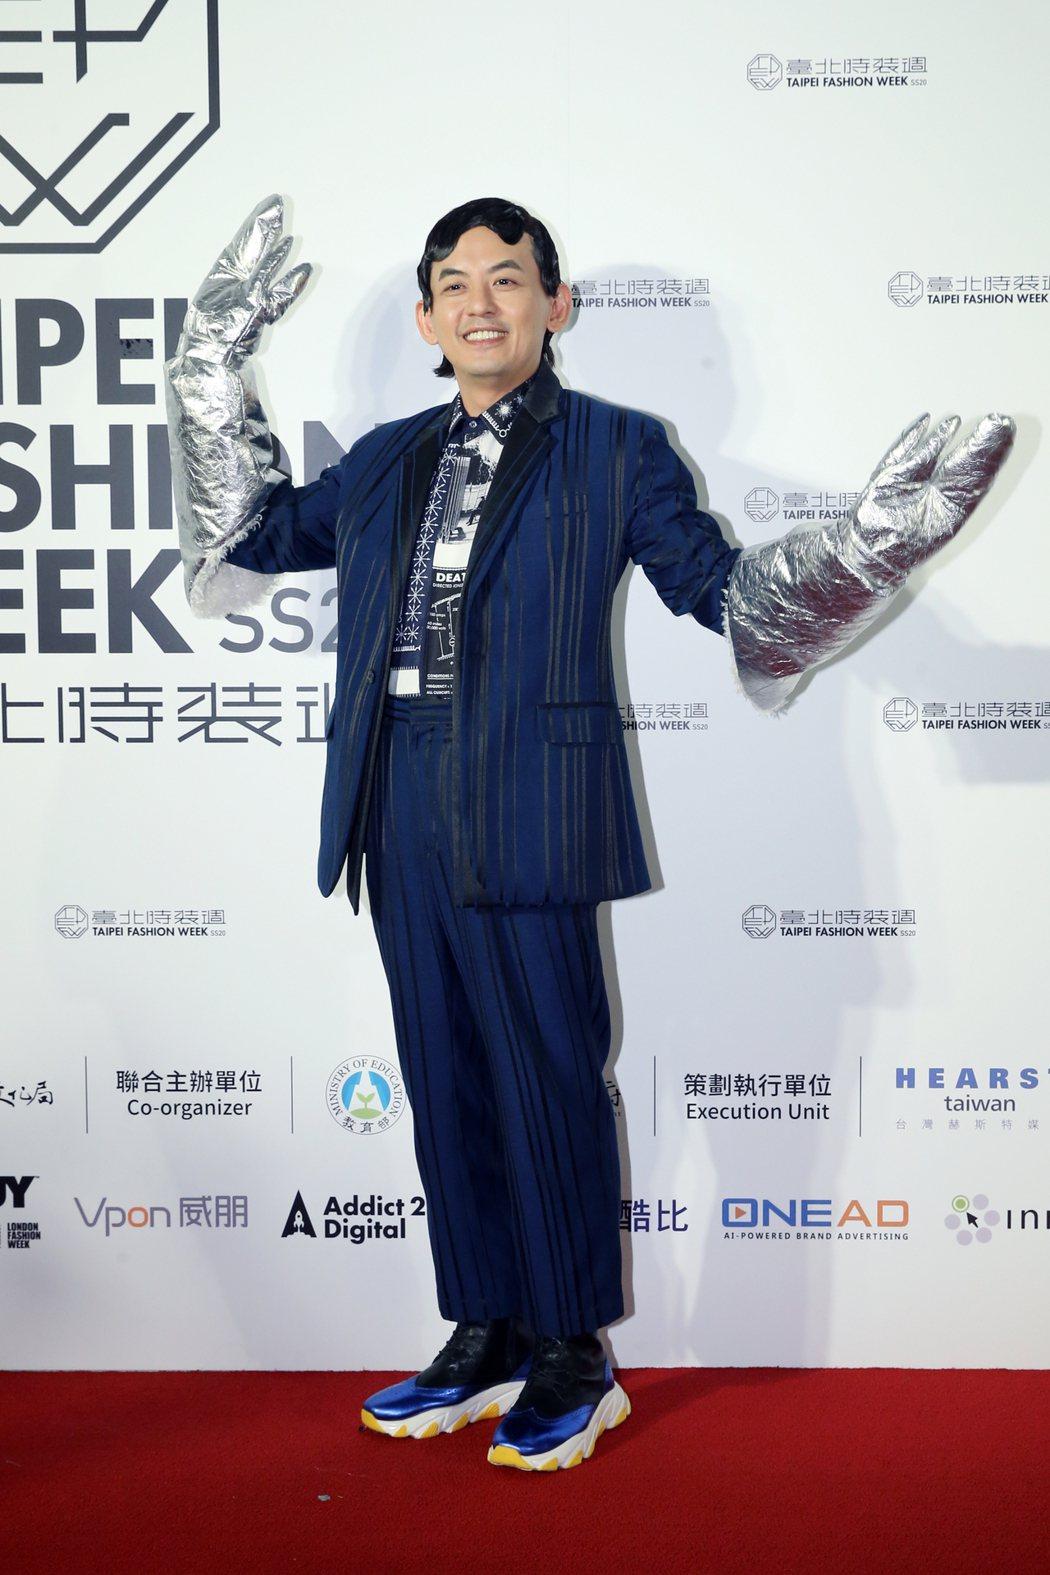 藝人黃子佼(圖)身著台灣設計師服飾亮相。記者許正宏/攝影